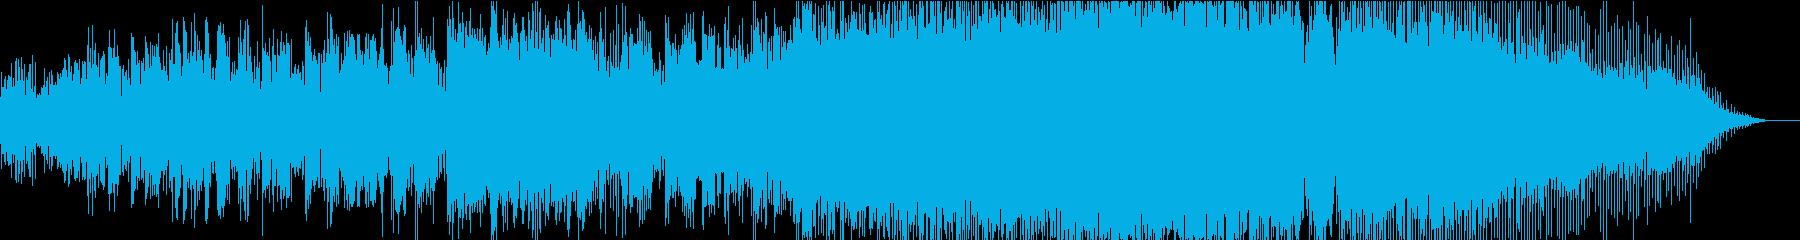 五輪CM・会社紹介に☆歓声が1つになる曲の再生済みの波形